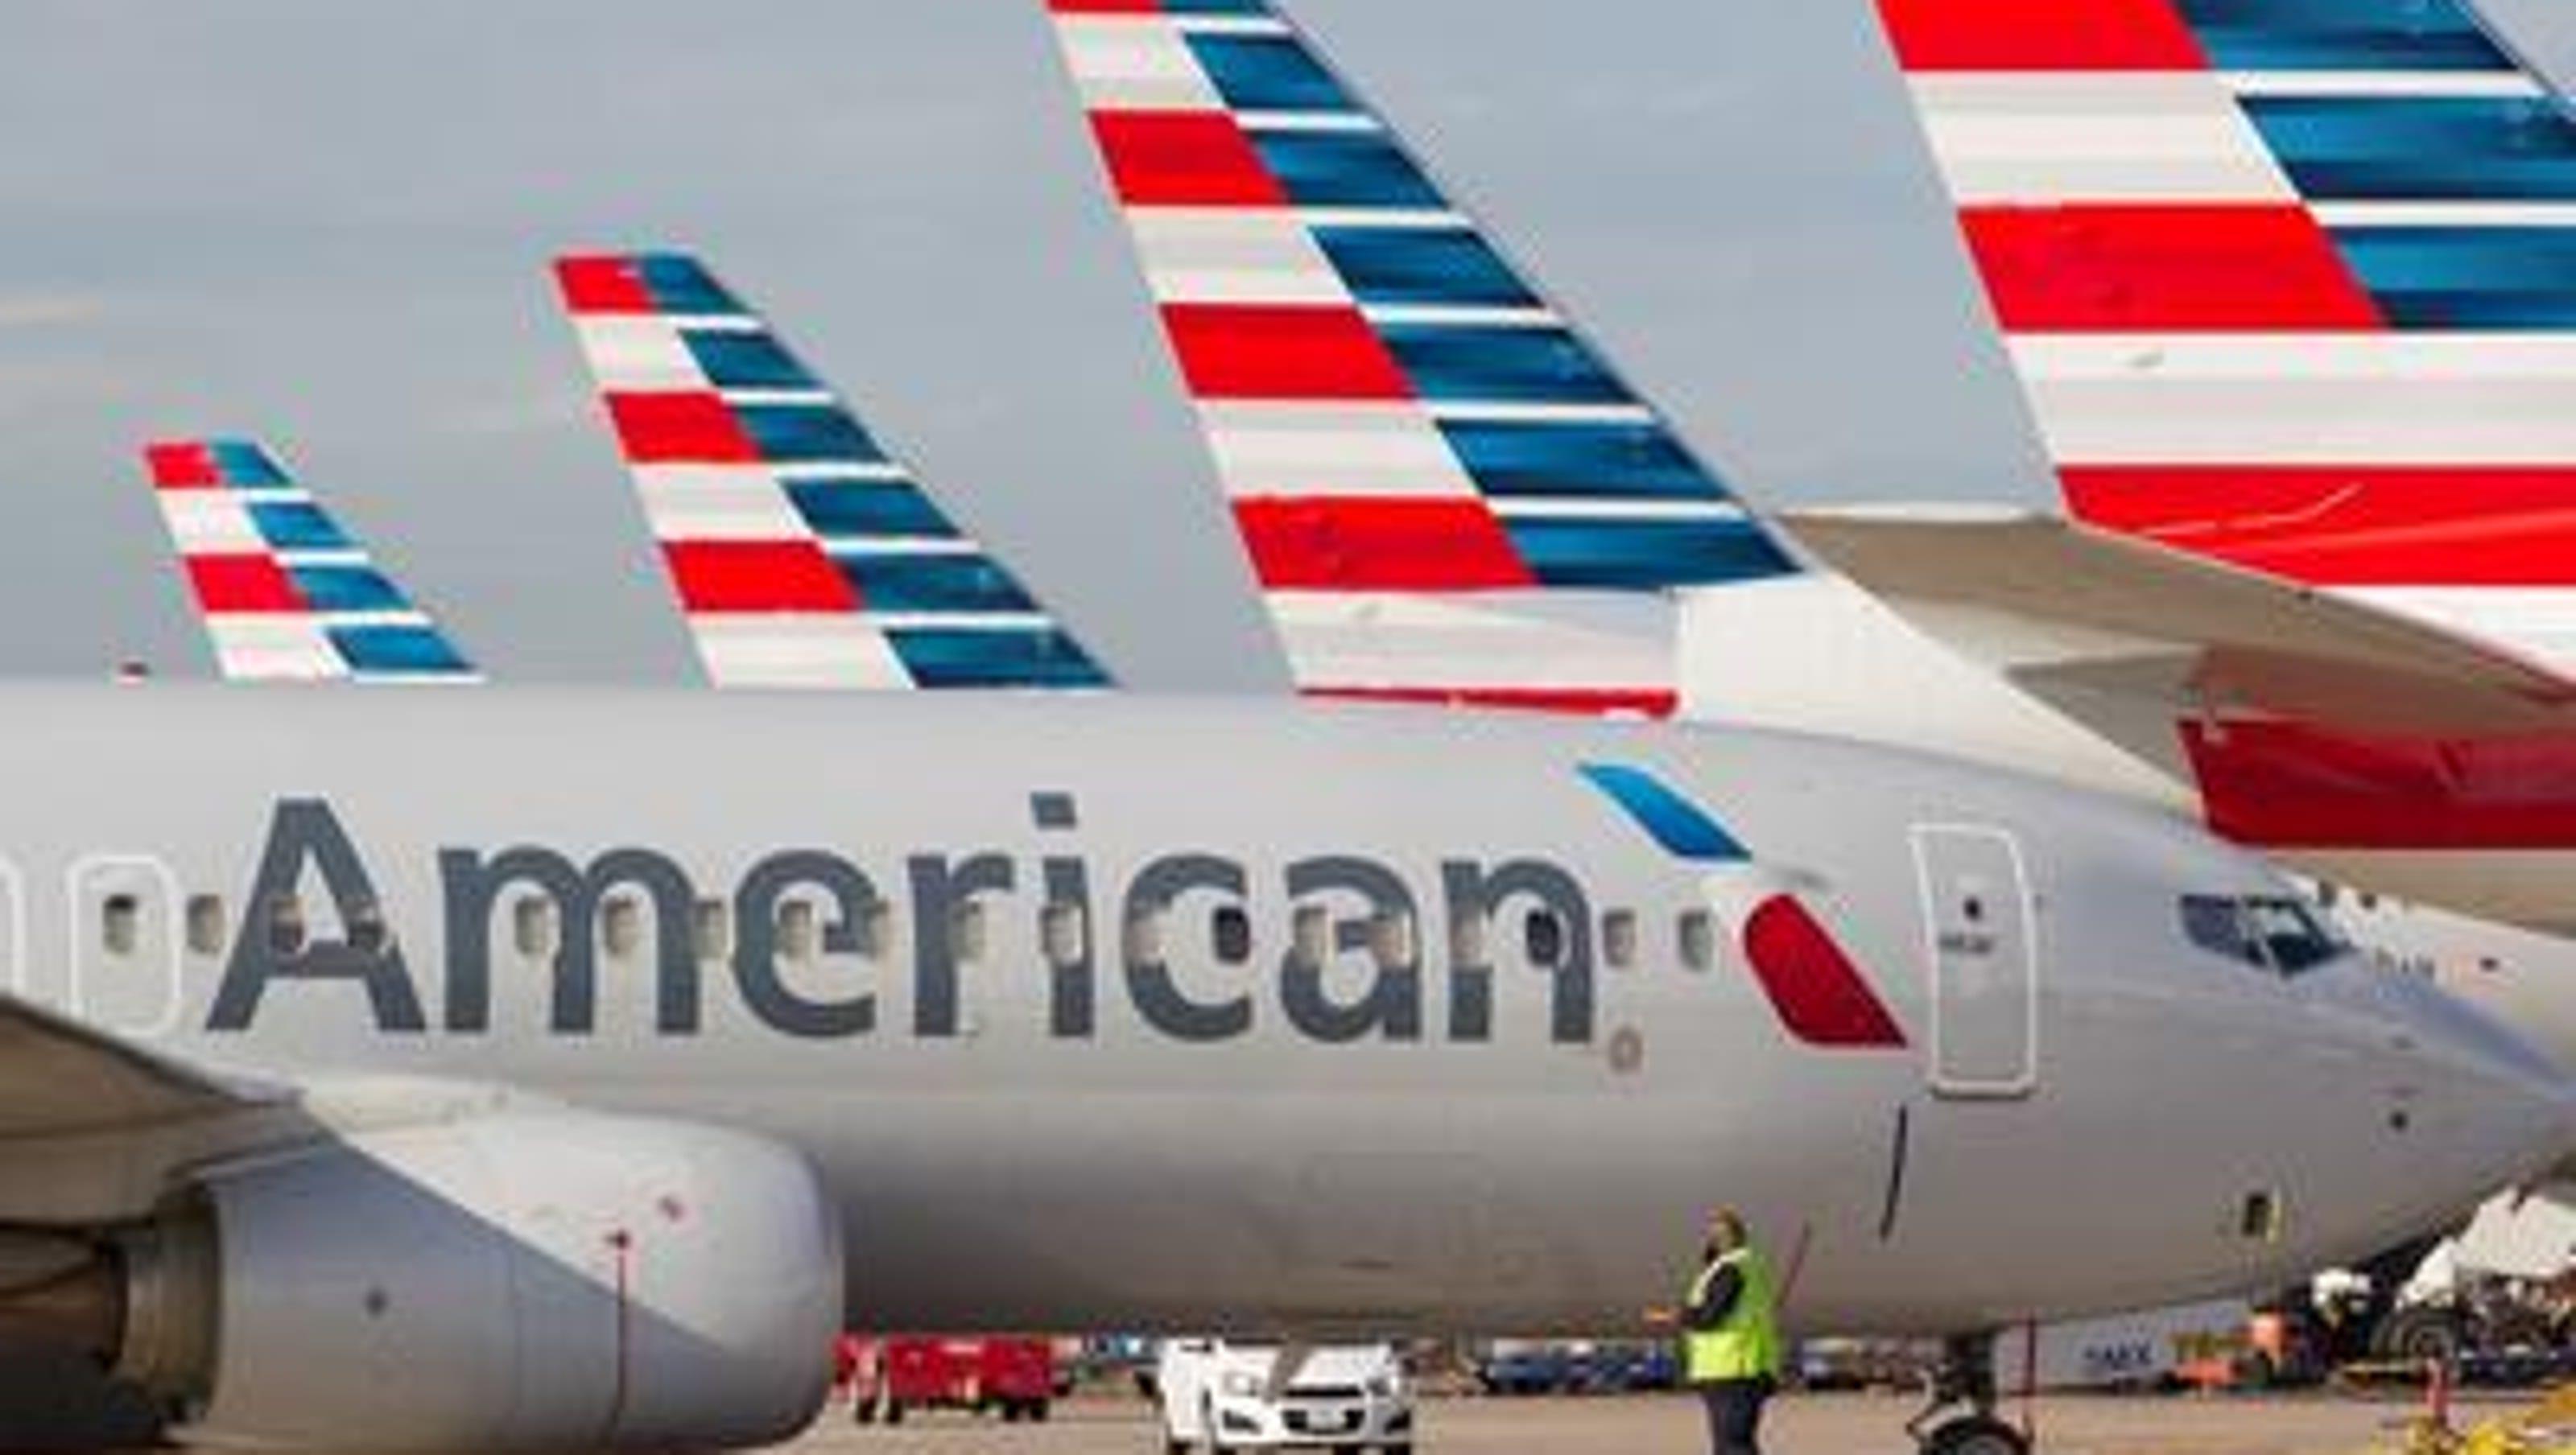 Αποτέλεσμα εικόνας για American Airlines is doubling flight service from Palm Springs to Chicago in October 2018